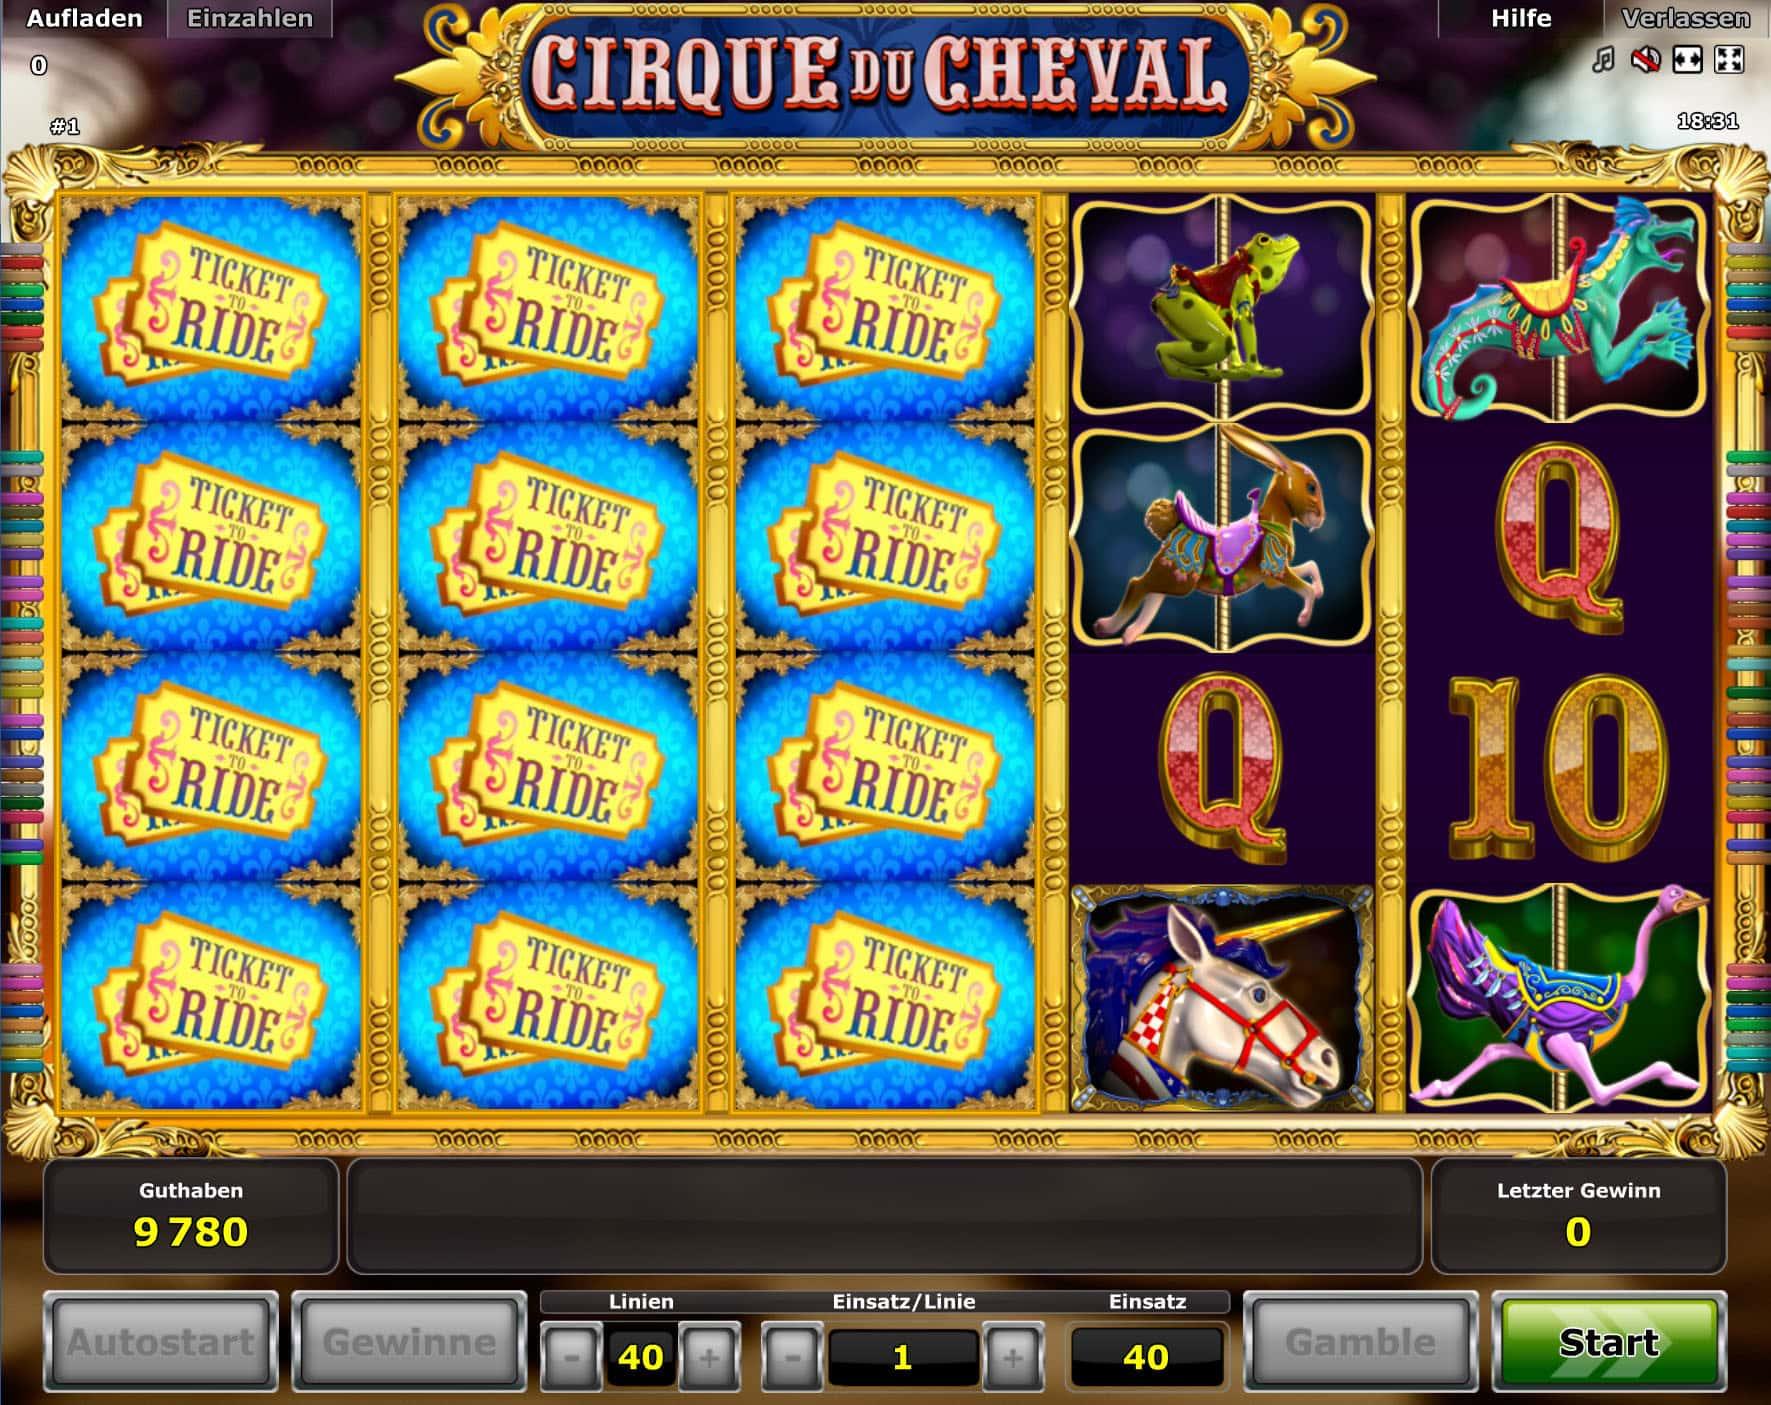 Online Automaten Spielen Kostenlos